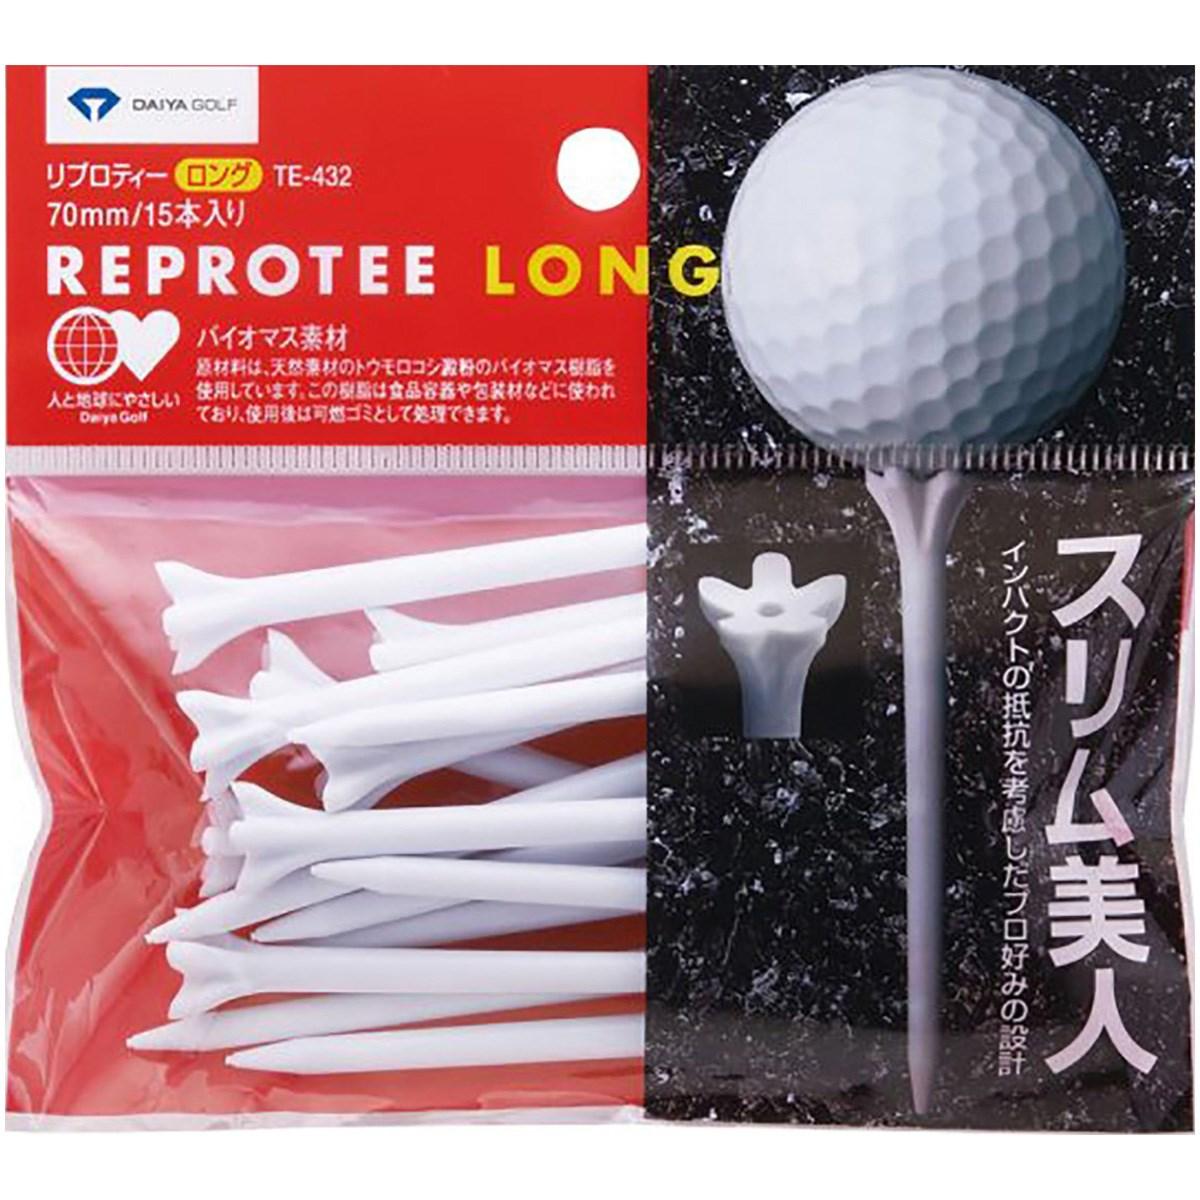 ダイヤゴルフ リプロティー ロング70mm TE-432